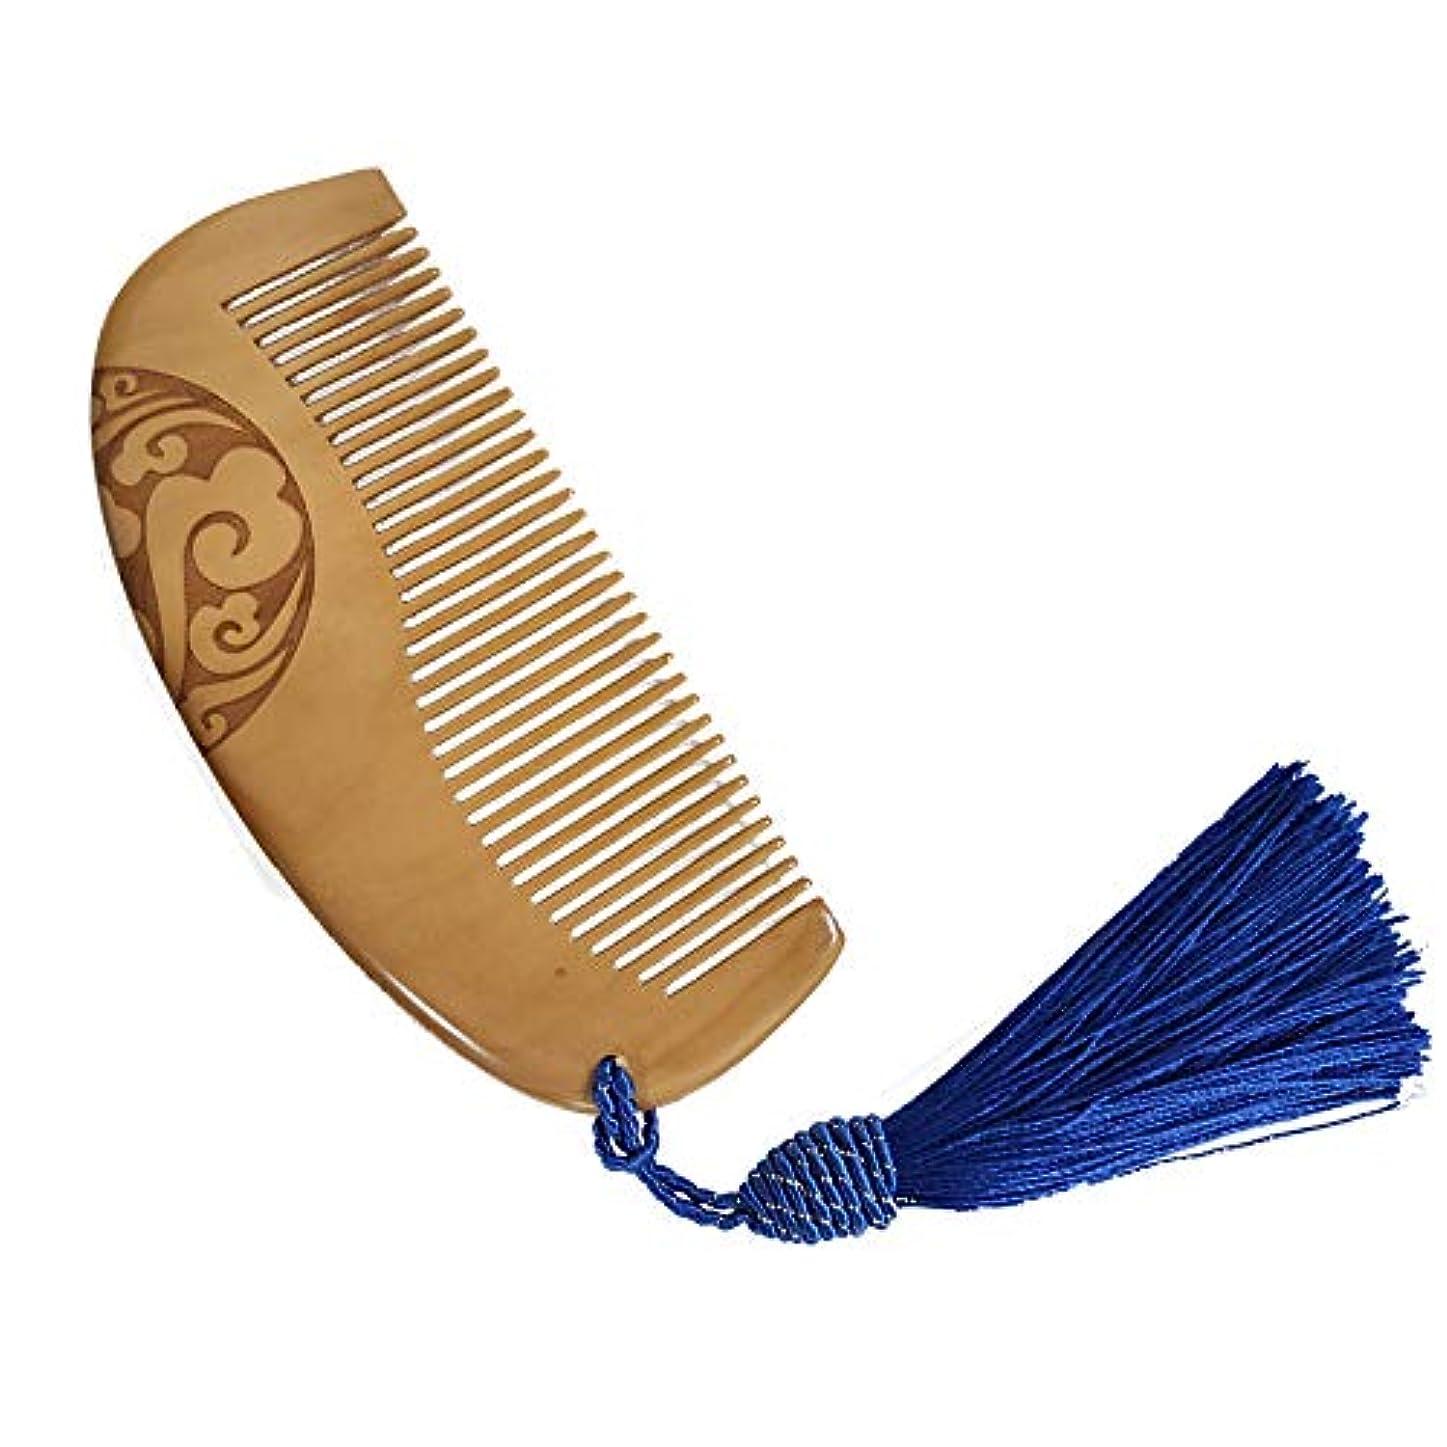 SHANGQI 高級木製櫛 ヘアコーム 半月とき櫛 頭皮マッサージ 天然ピーチツリー 静電気防止(青)